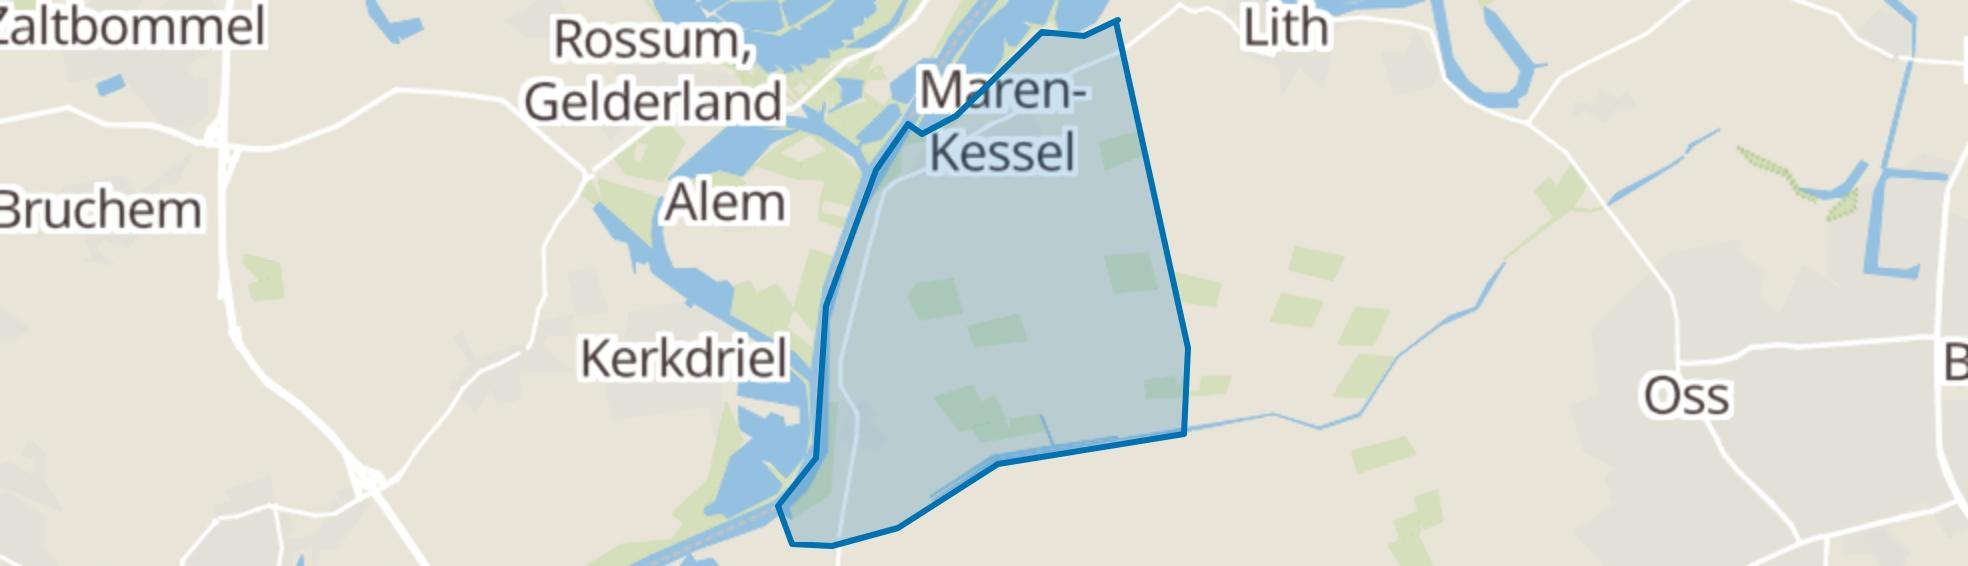 Maren-Kessel map